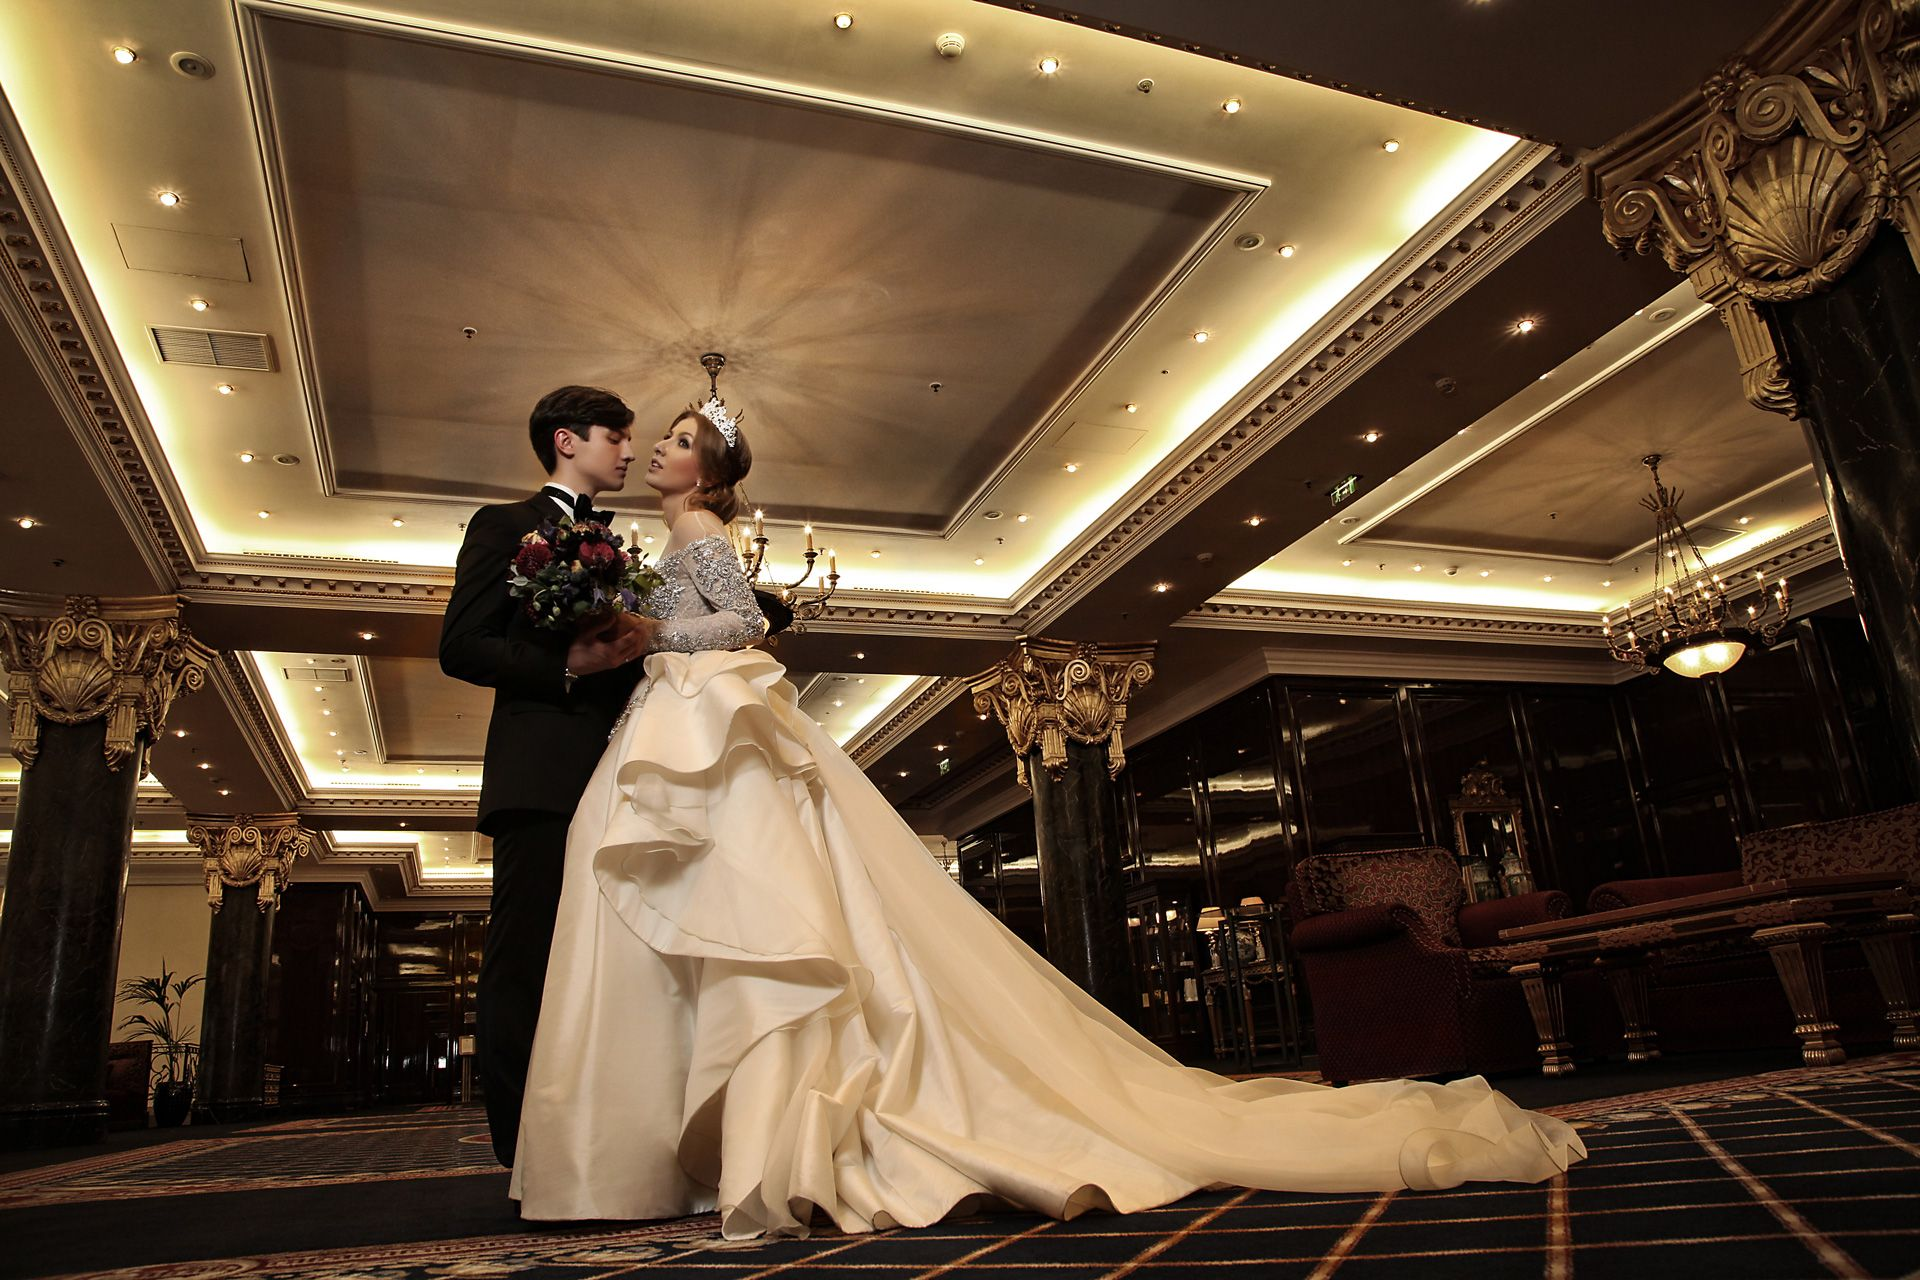 Смотреть Свадебная прогулка без ошибок: советы дает компания Спектр Такси видео